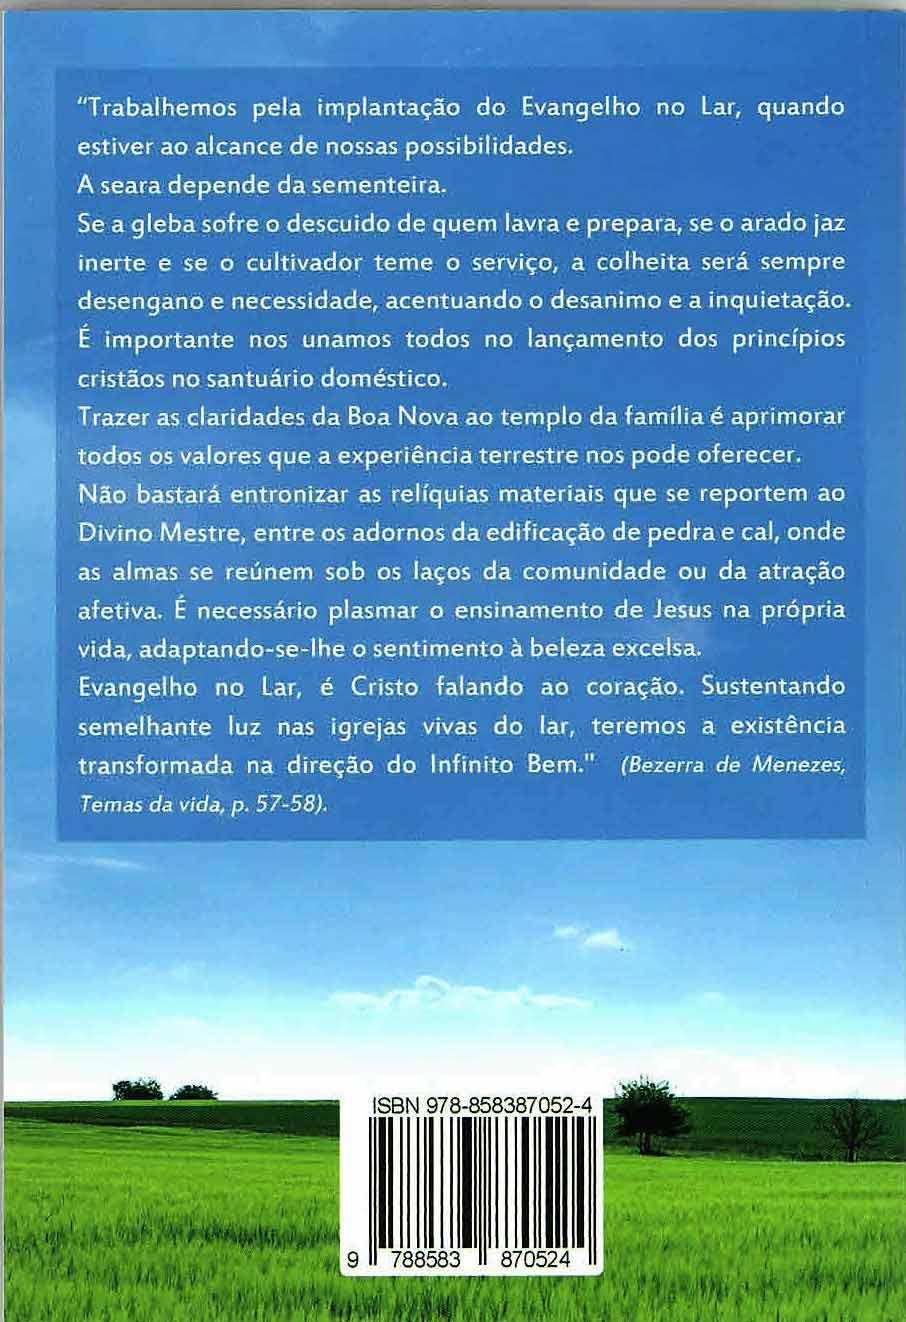 PAZ EM CASA PAZ NO MUNDO: CULTO DO EVANGELHO NO LAR